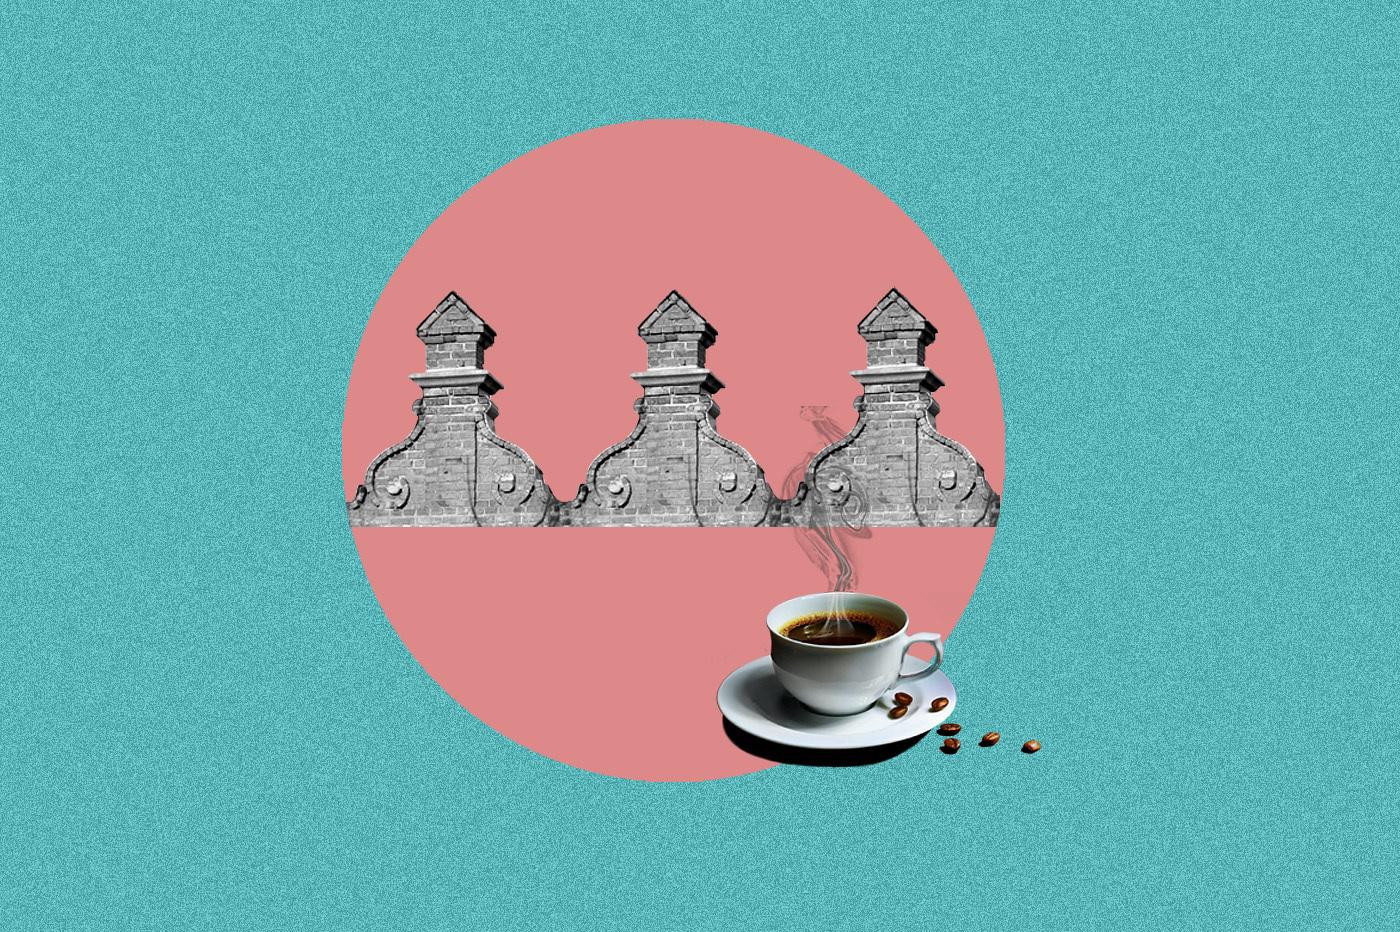 Метафізика історії.  Чому луцька цукерня зламала епоху і як її кава лікує коронавірус